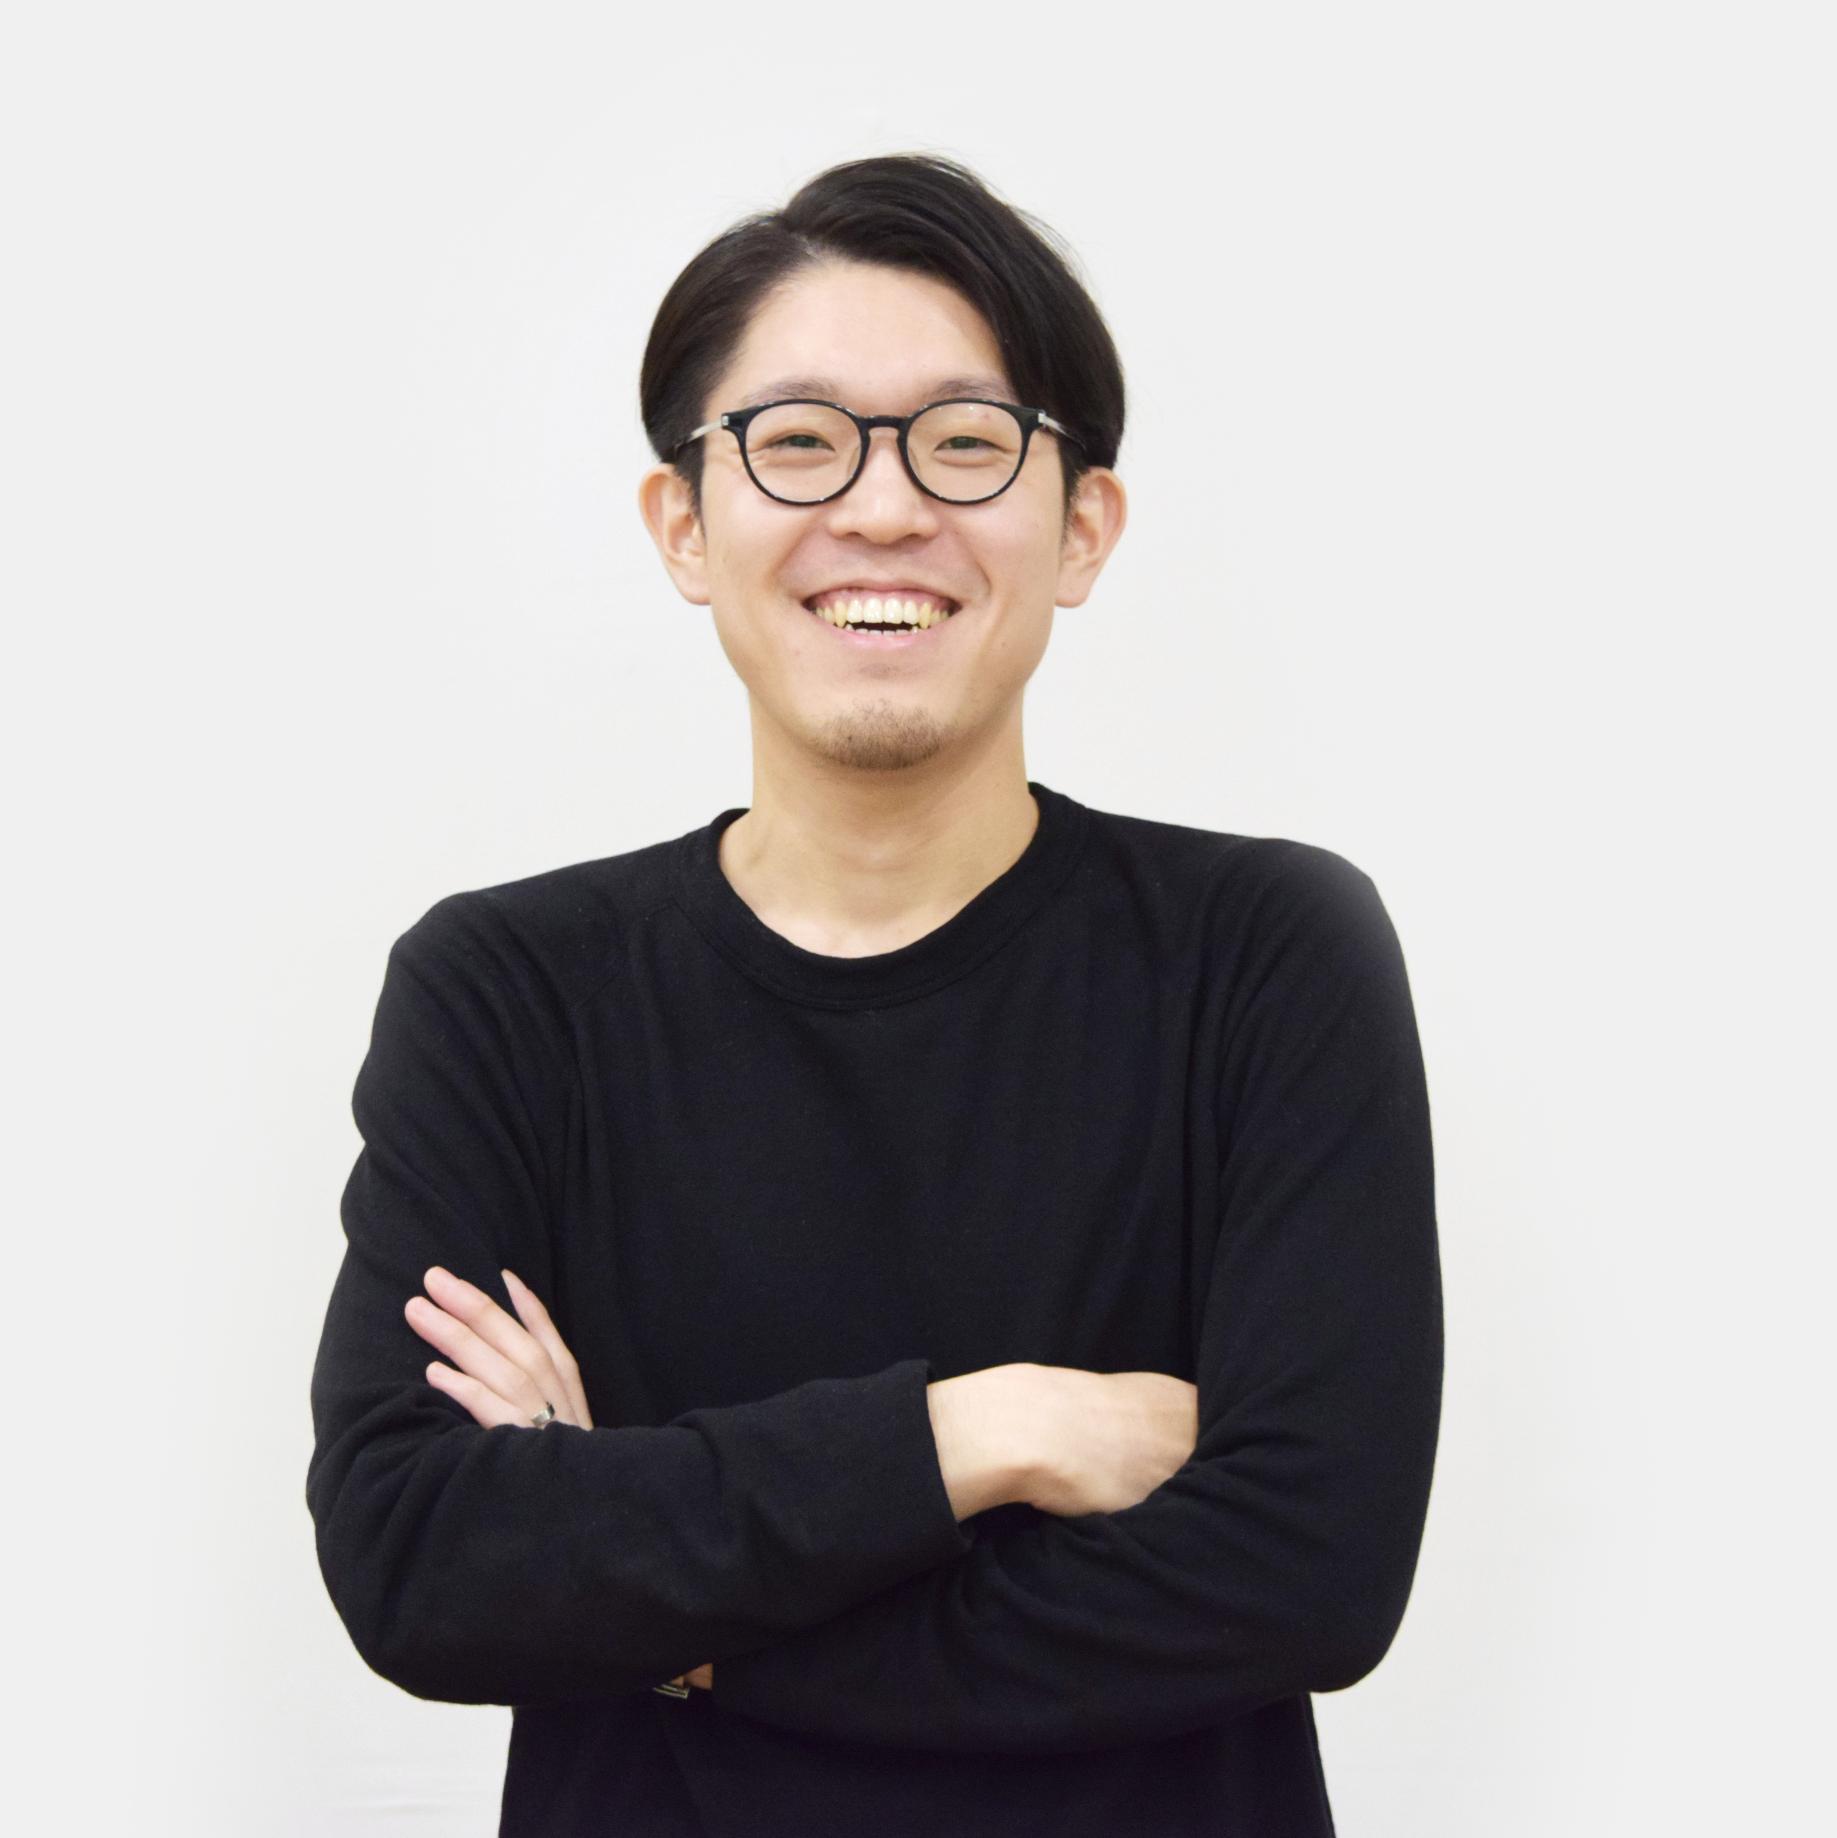 『人と組織のマネジメントバイアス』に寄せて(3):安斎勇樹氏